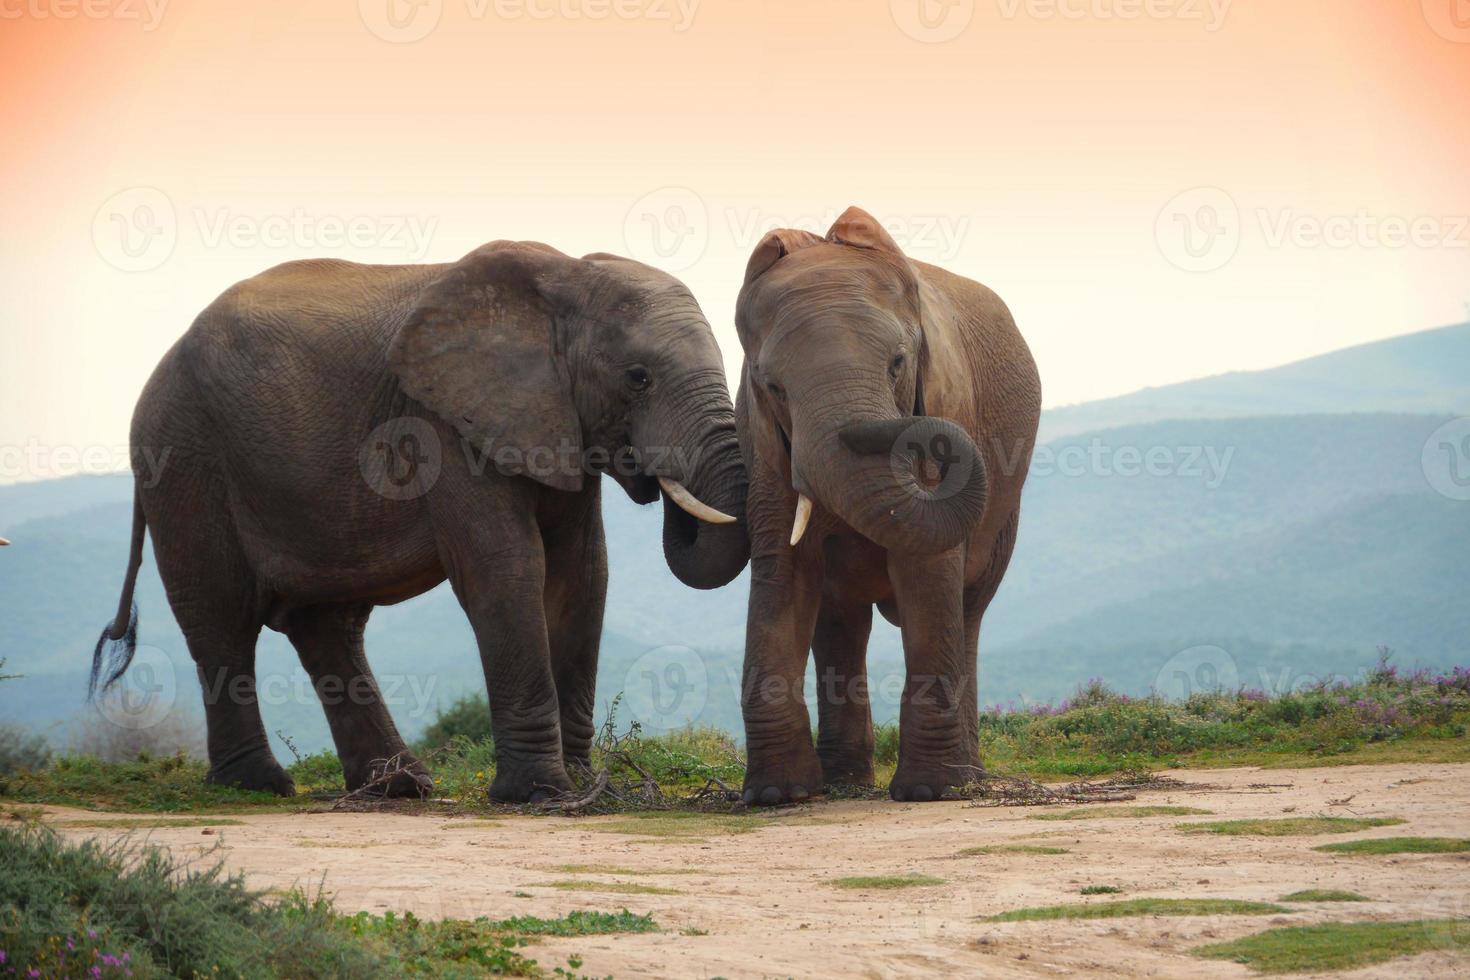 dois elefantes no addo elephant park, áfrica do sul foto